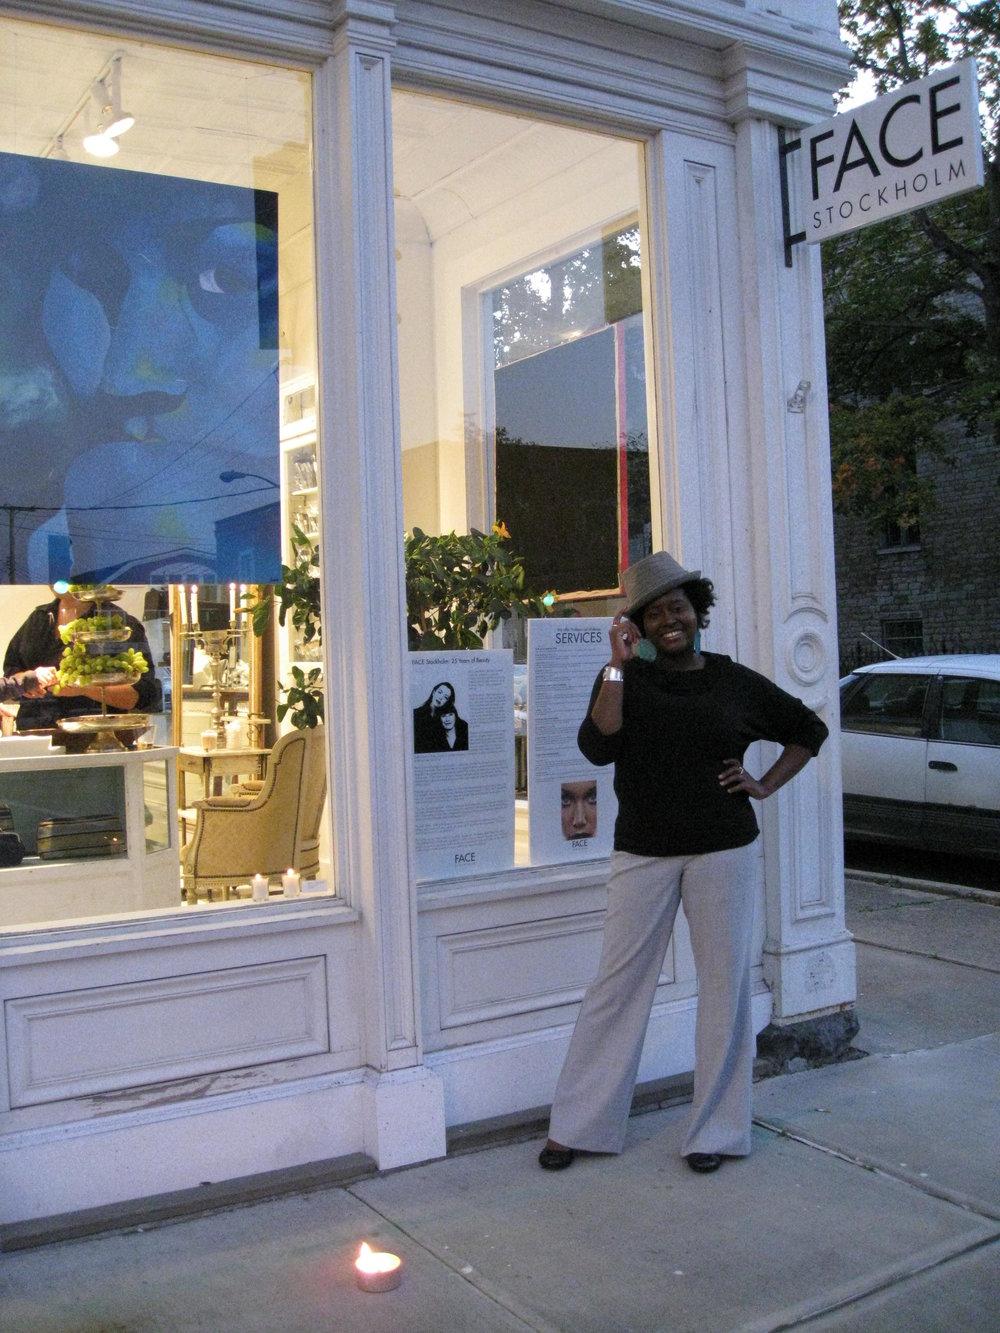 Hudson Arts Walk 2008  FACE Stockholm